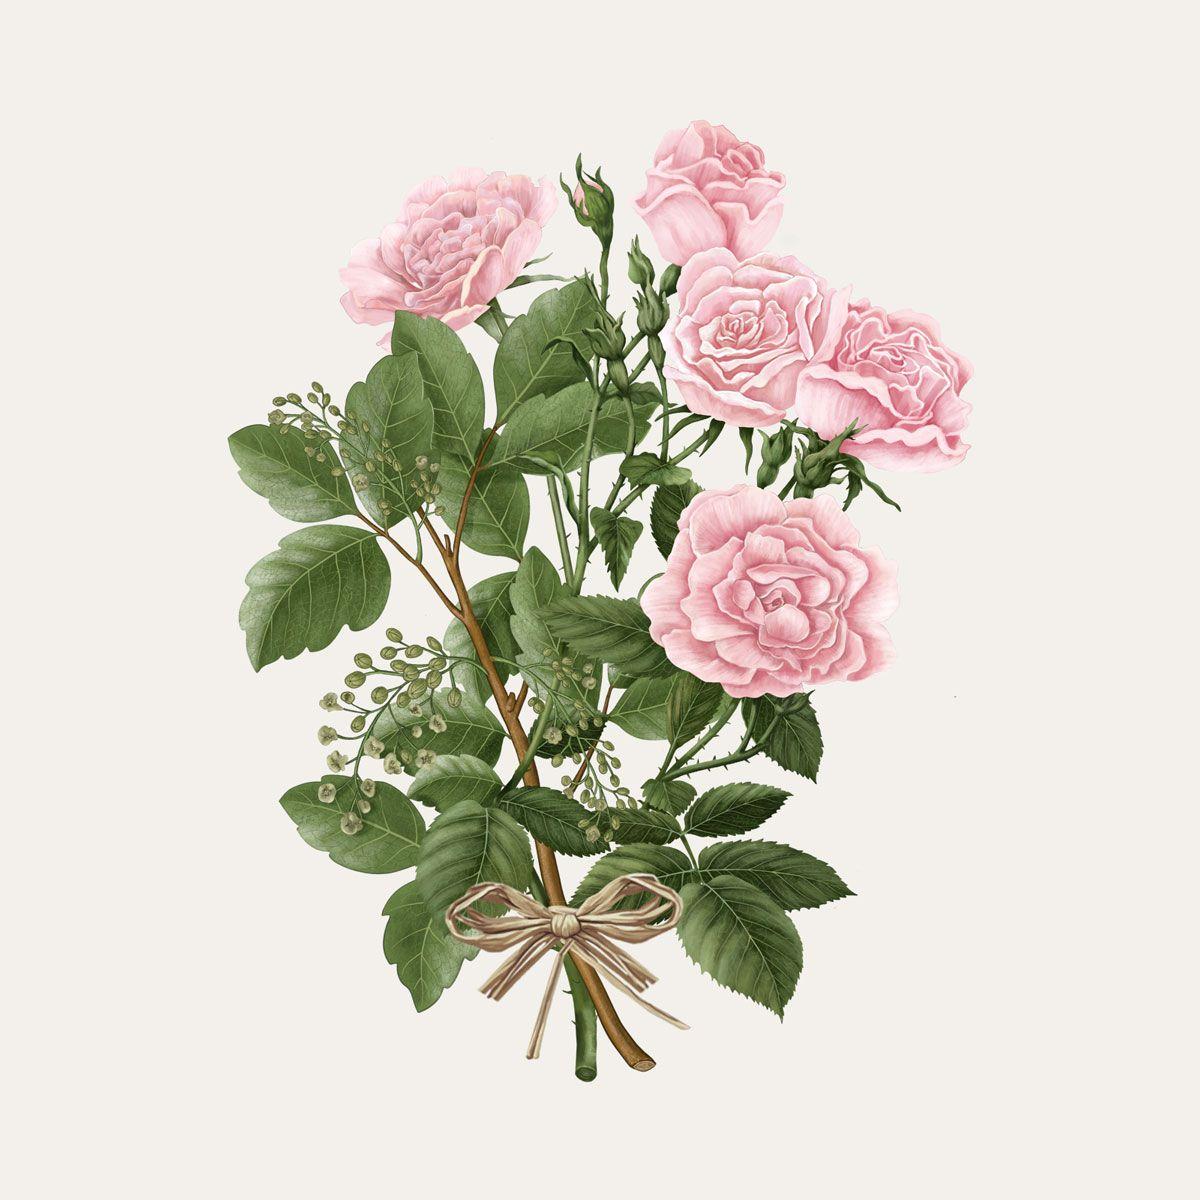 La Rose Aime l'Ambre